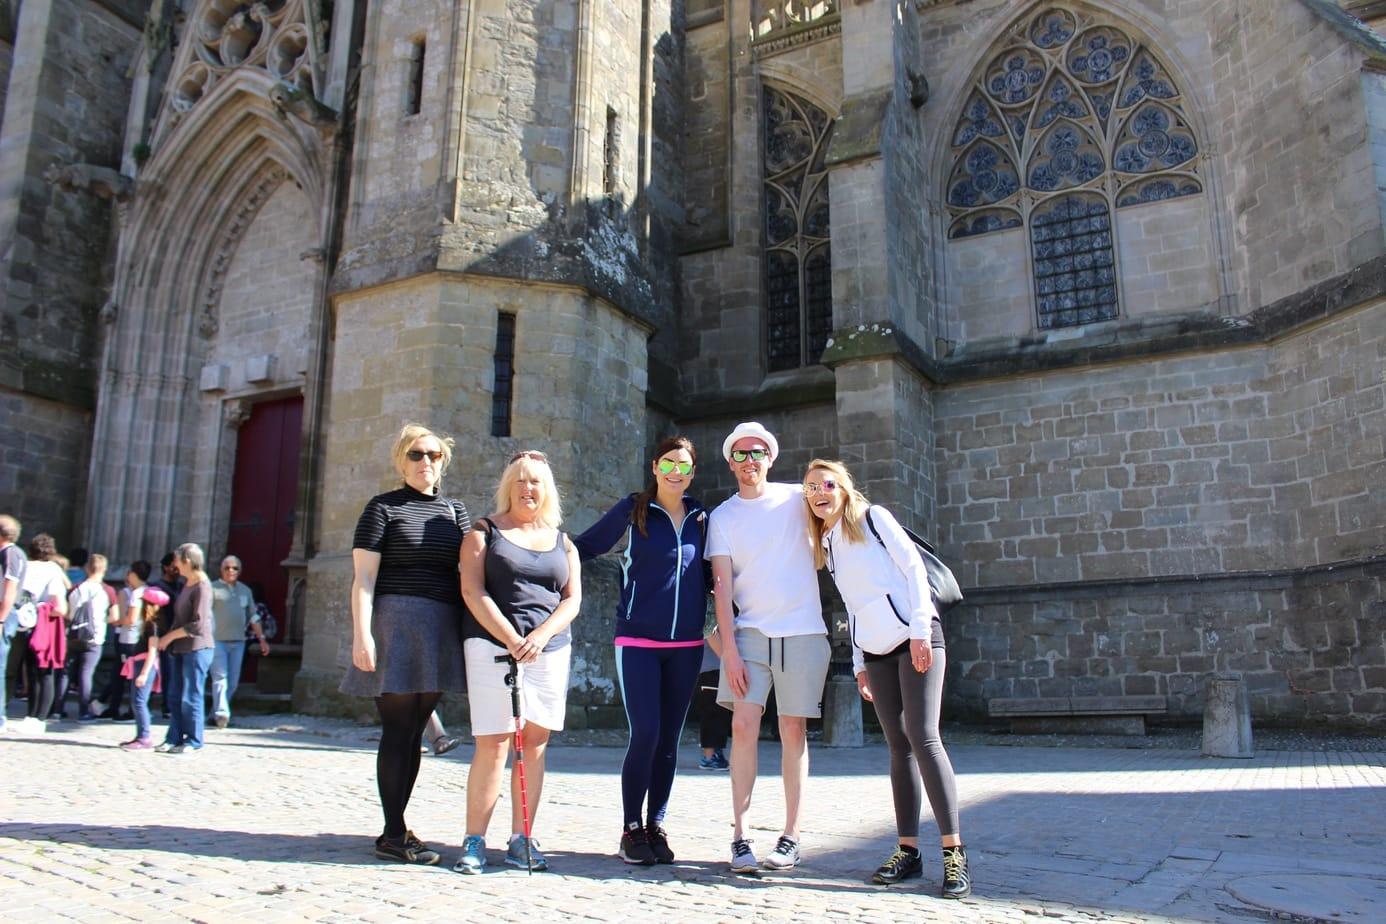 Friends at la cite carcassonne